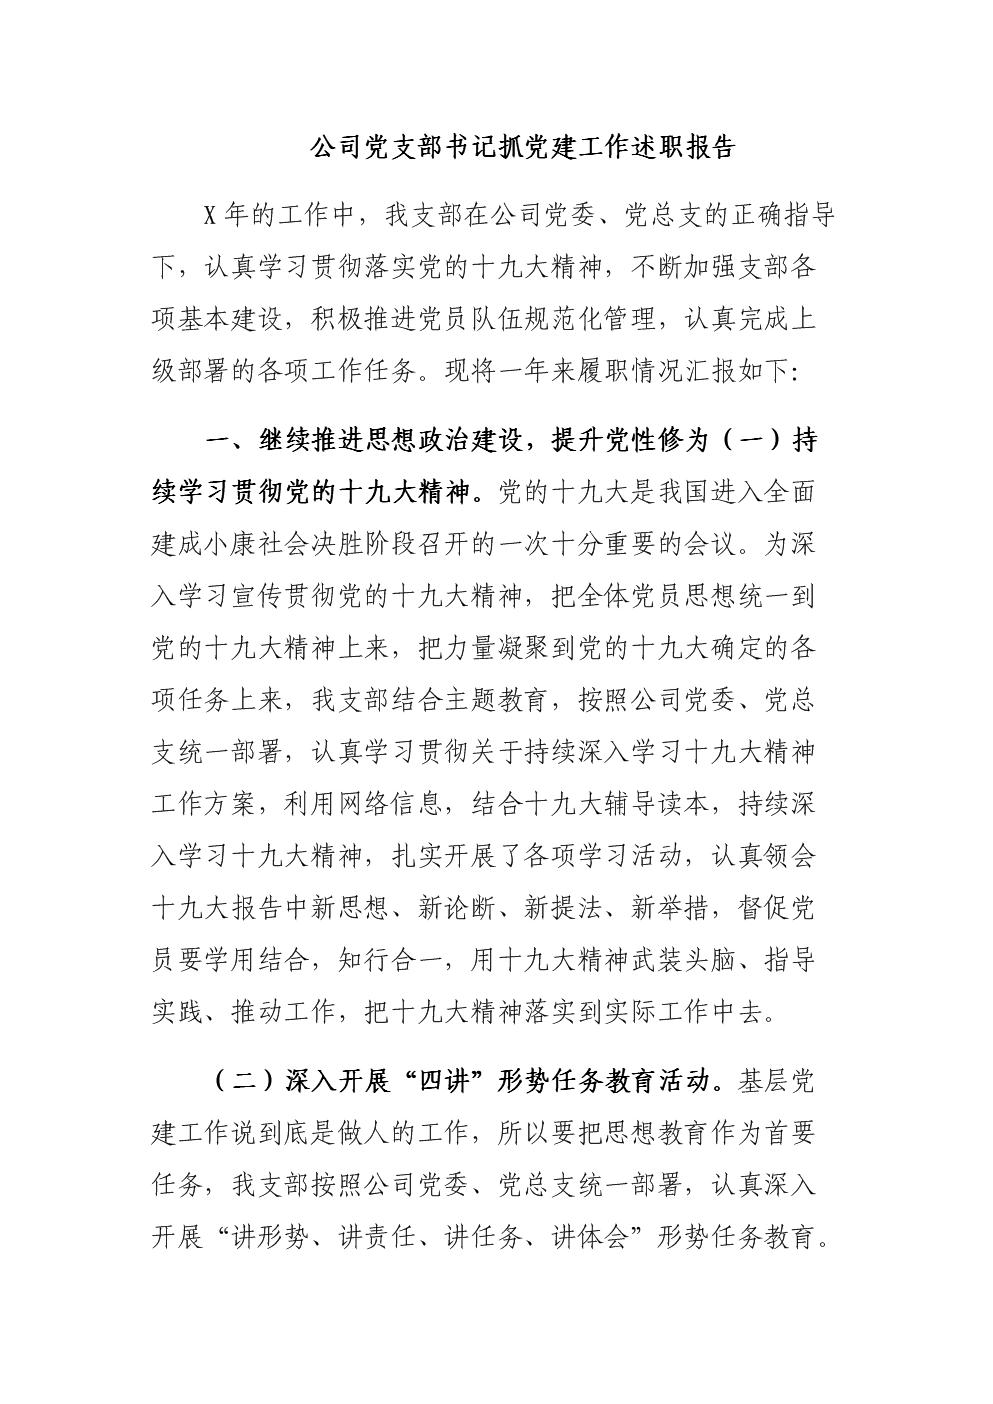 公司党支部书记抓党建工作述职报告.docx